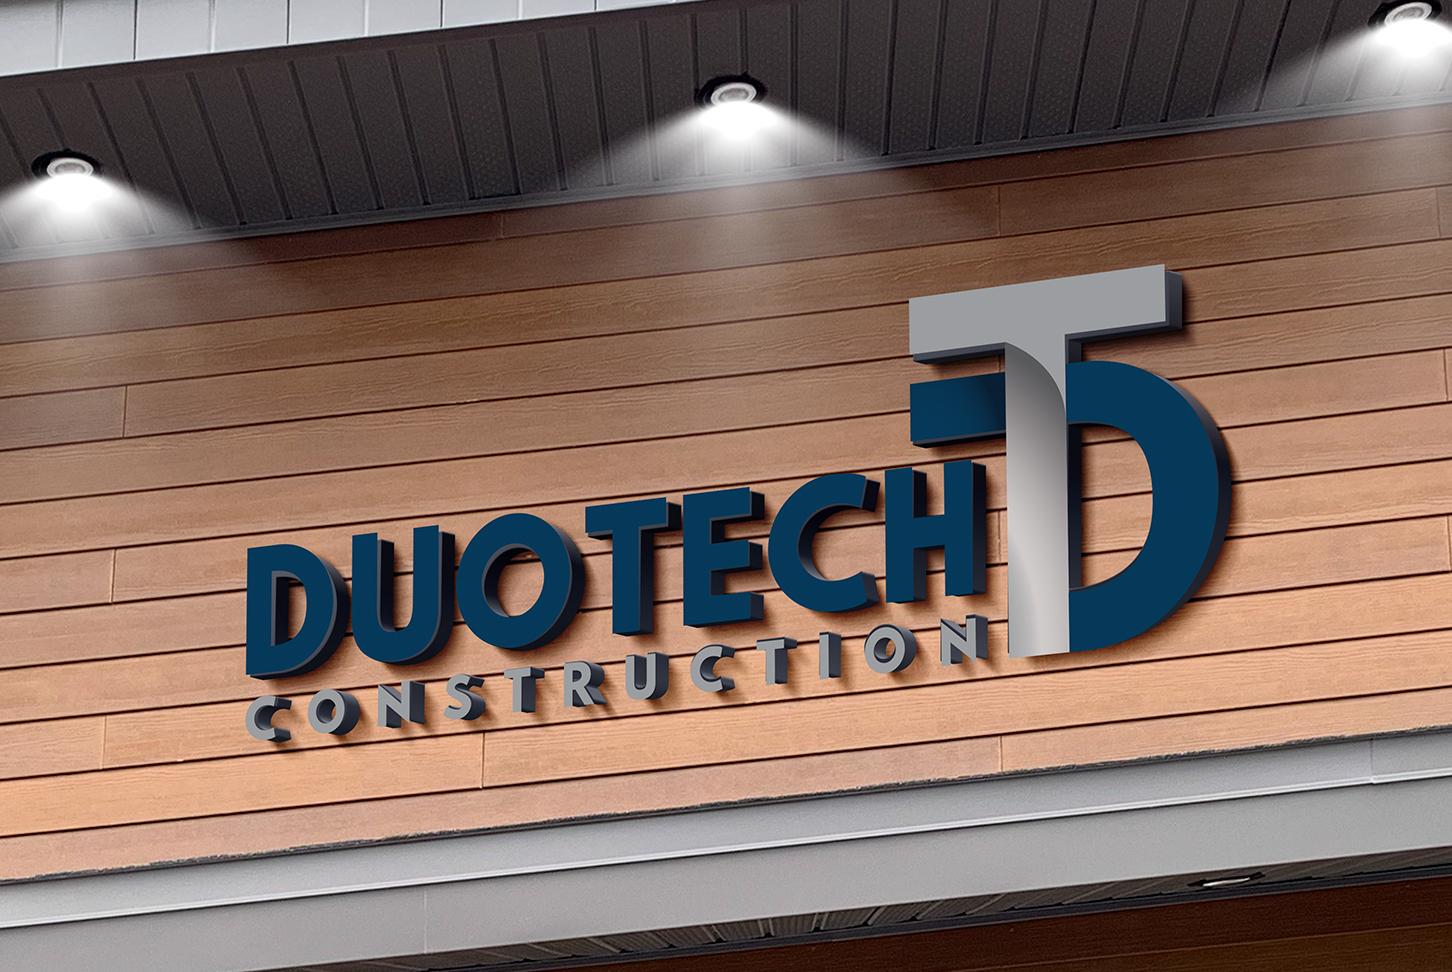 Duotech Construction - Graphisme d'une enseigne